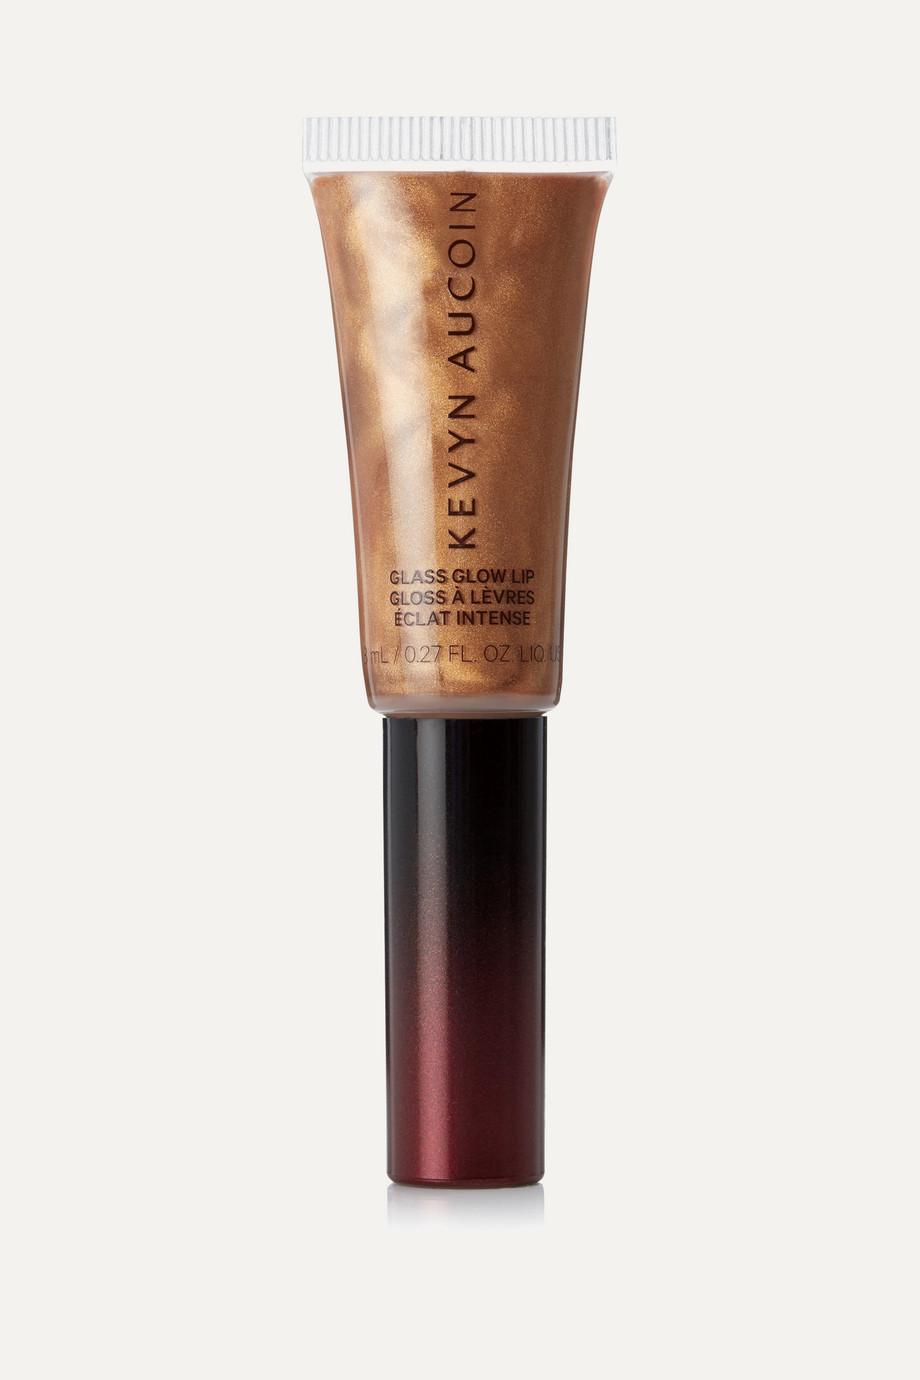 Kevyn Aucoin Gloss à lèvres éclat intense, Spectrum Bronze, 8 ml